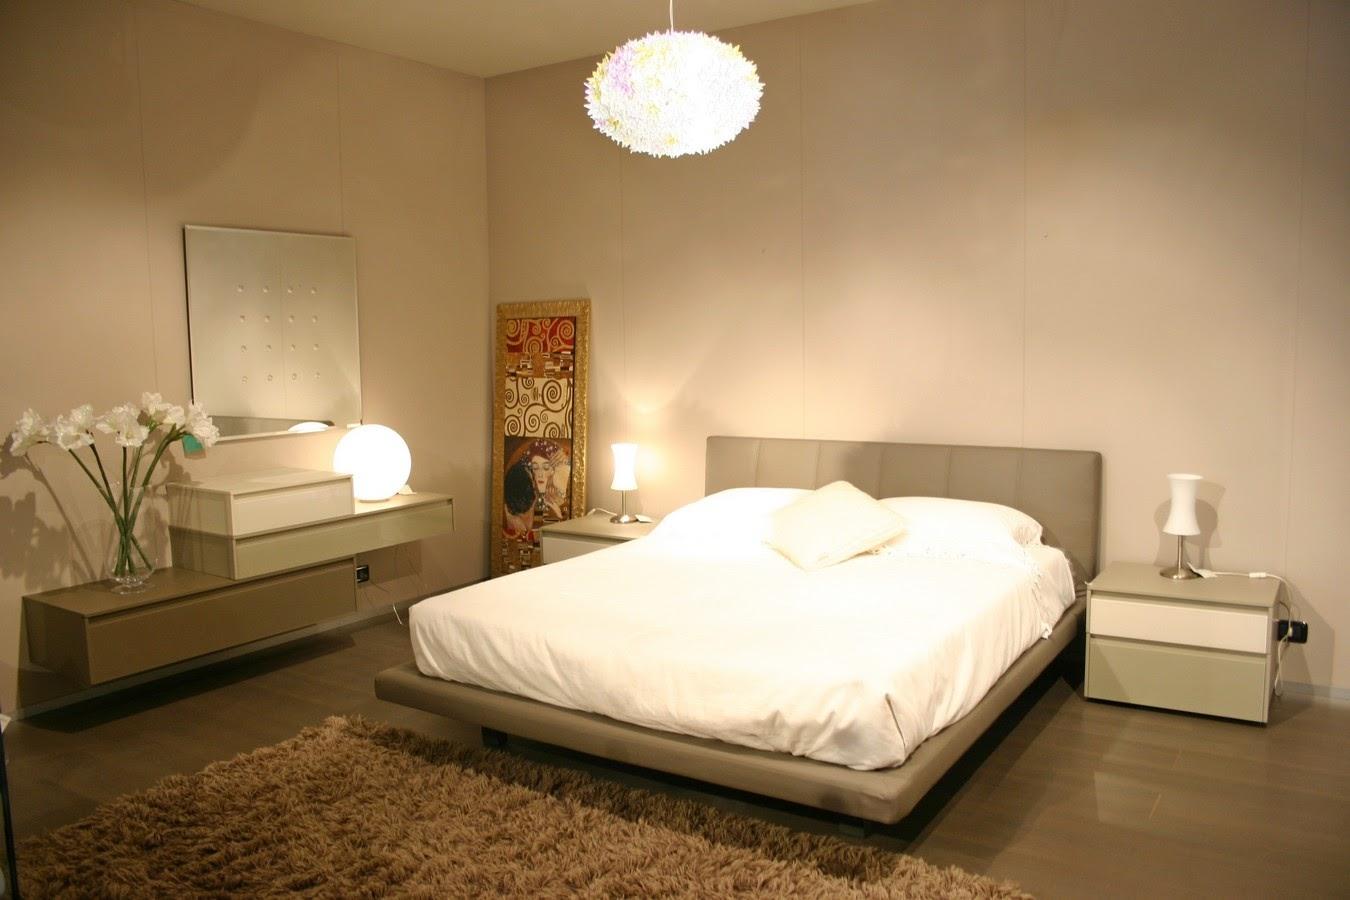 Camere da letto offerta di letti armadi armadi for Arredamento letto